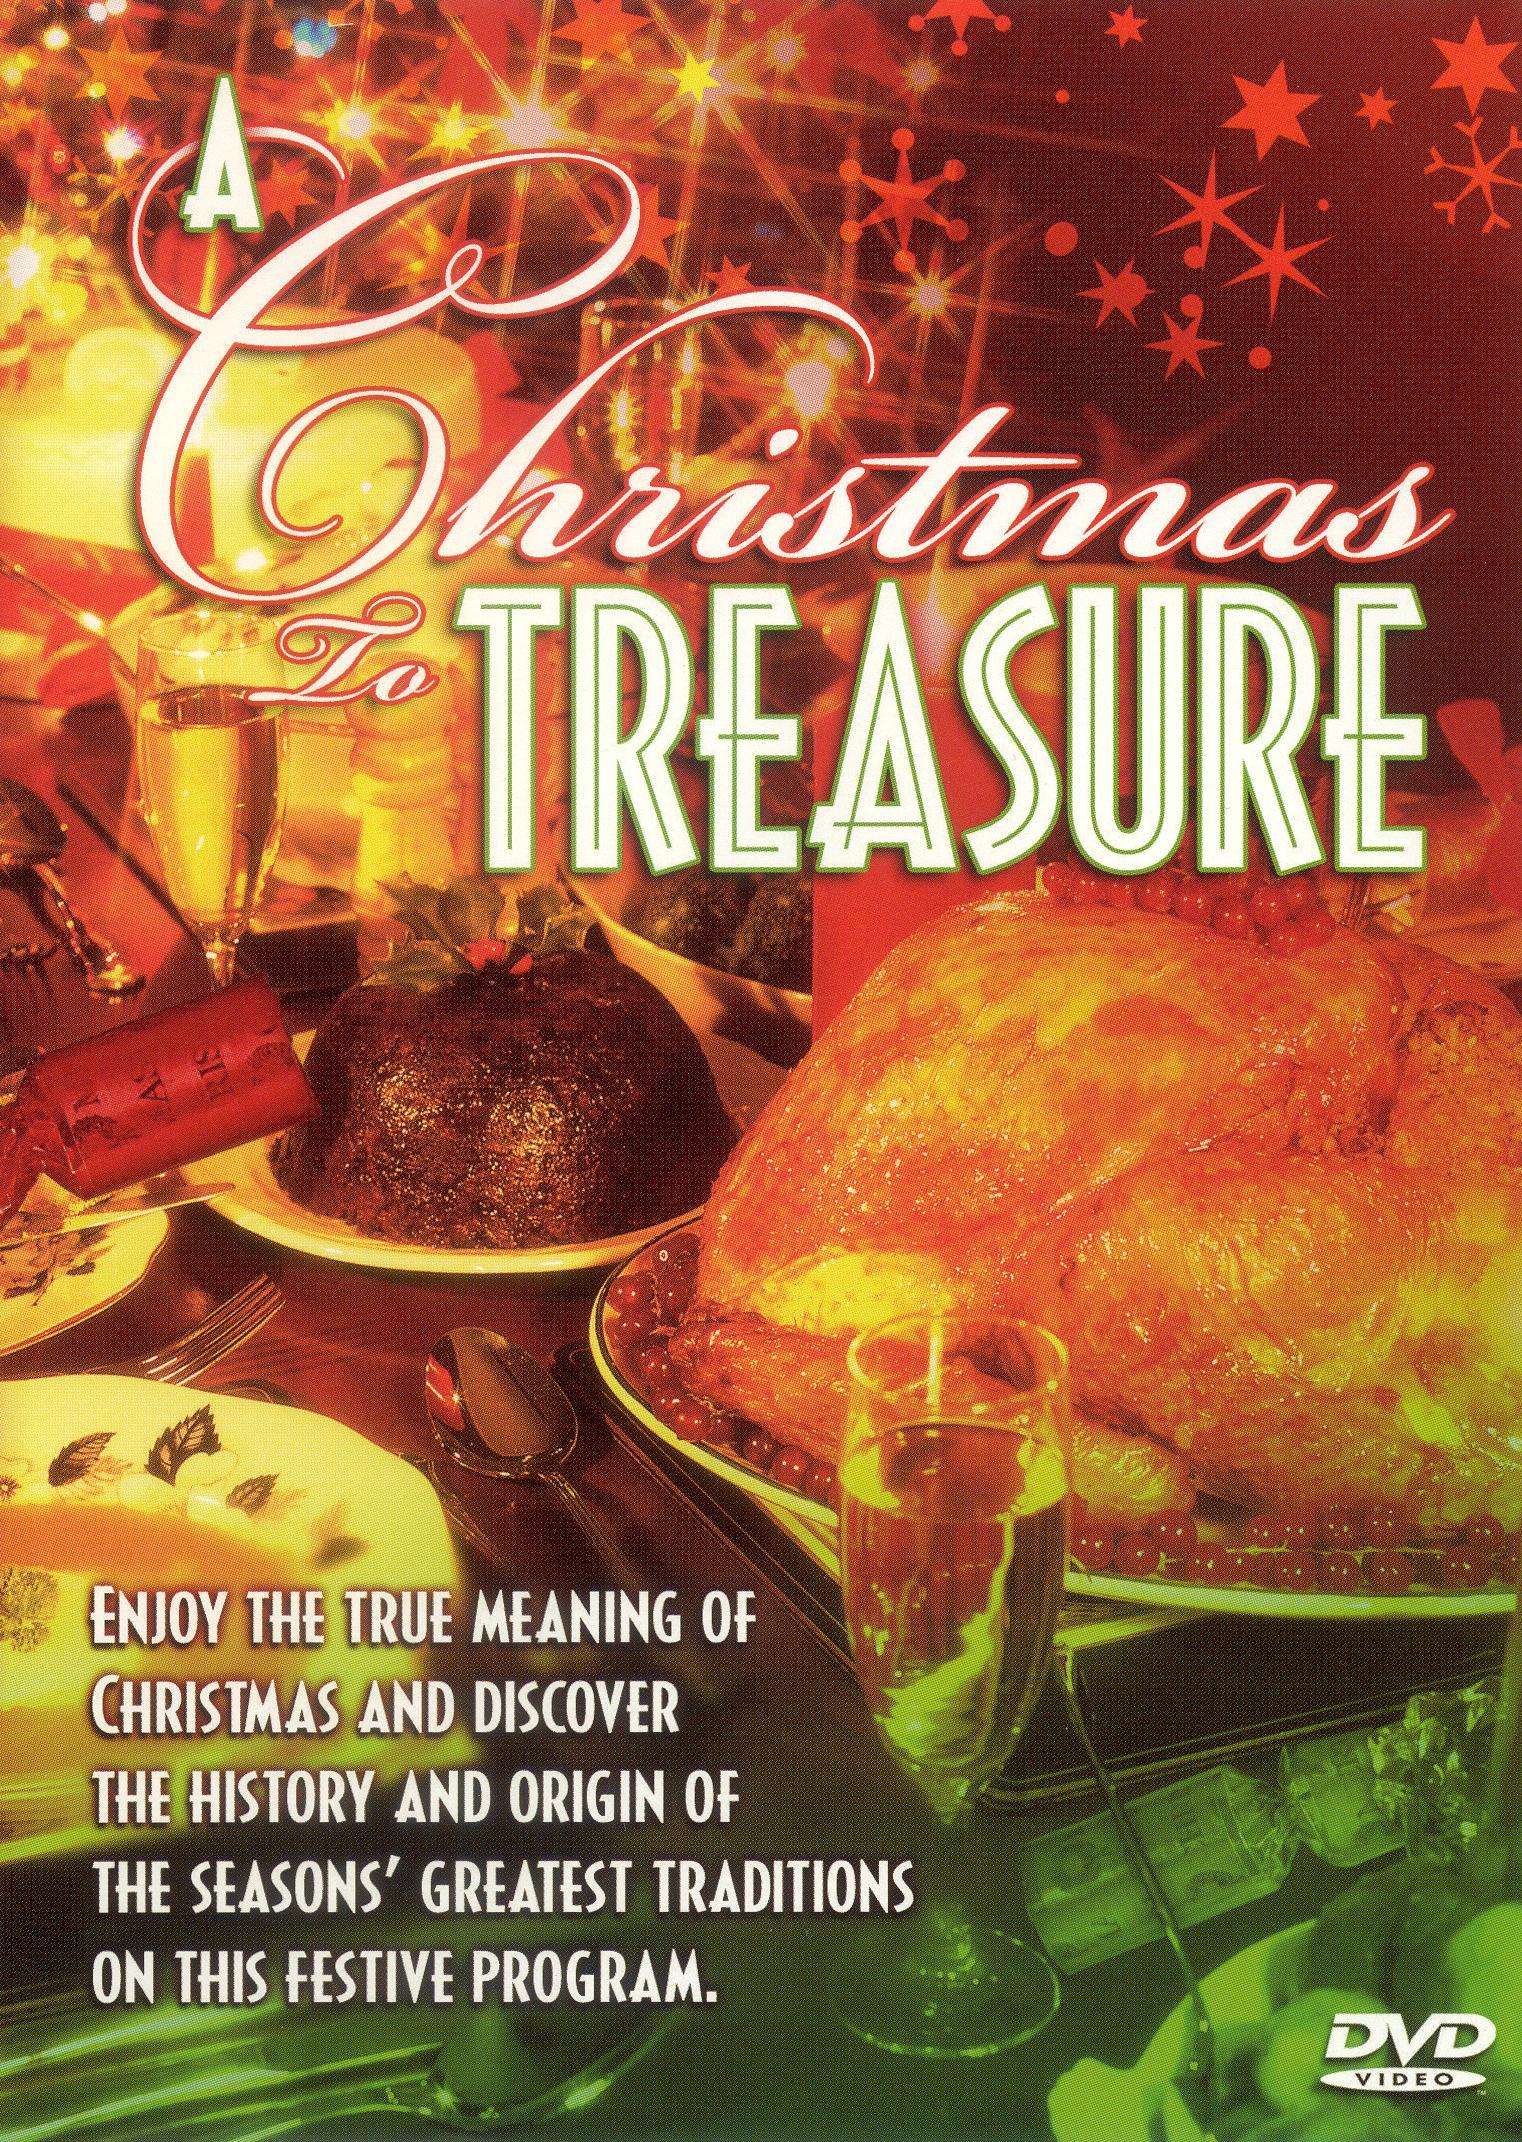 A Christmas to Treasure